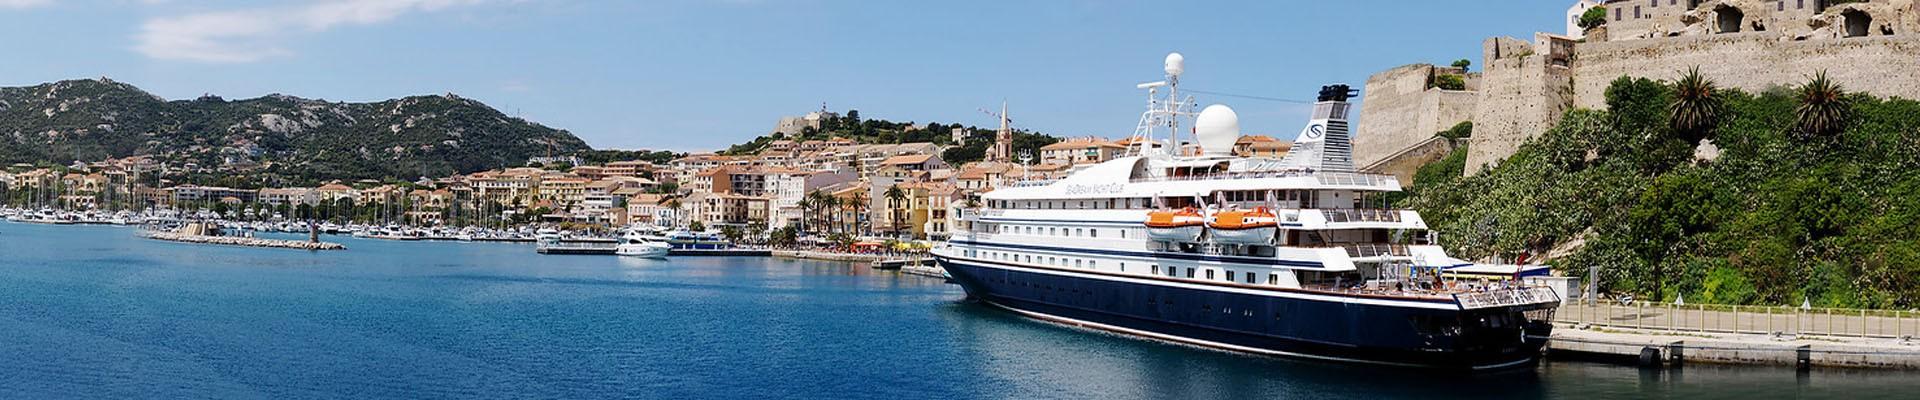 Lyxkryssning på riktigt - eller Yachting som vi kallar det!